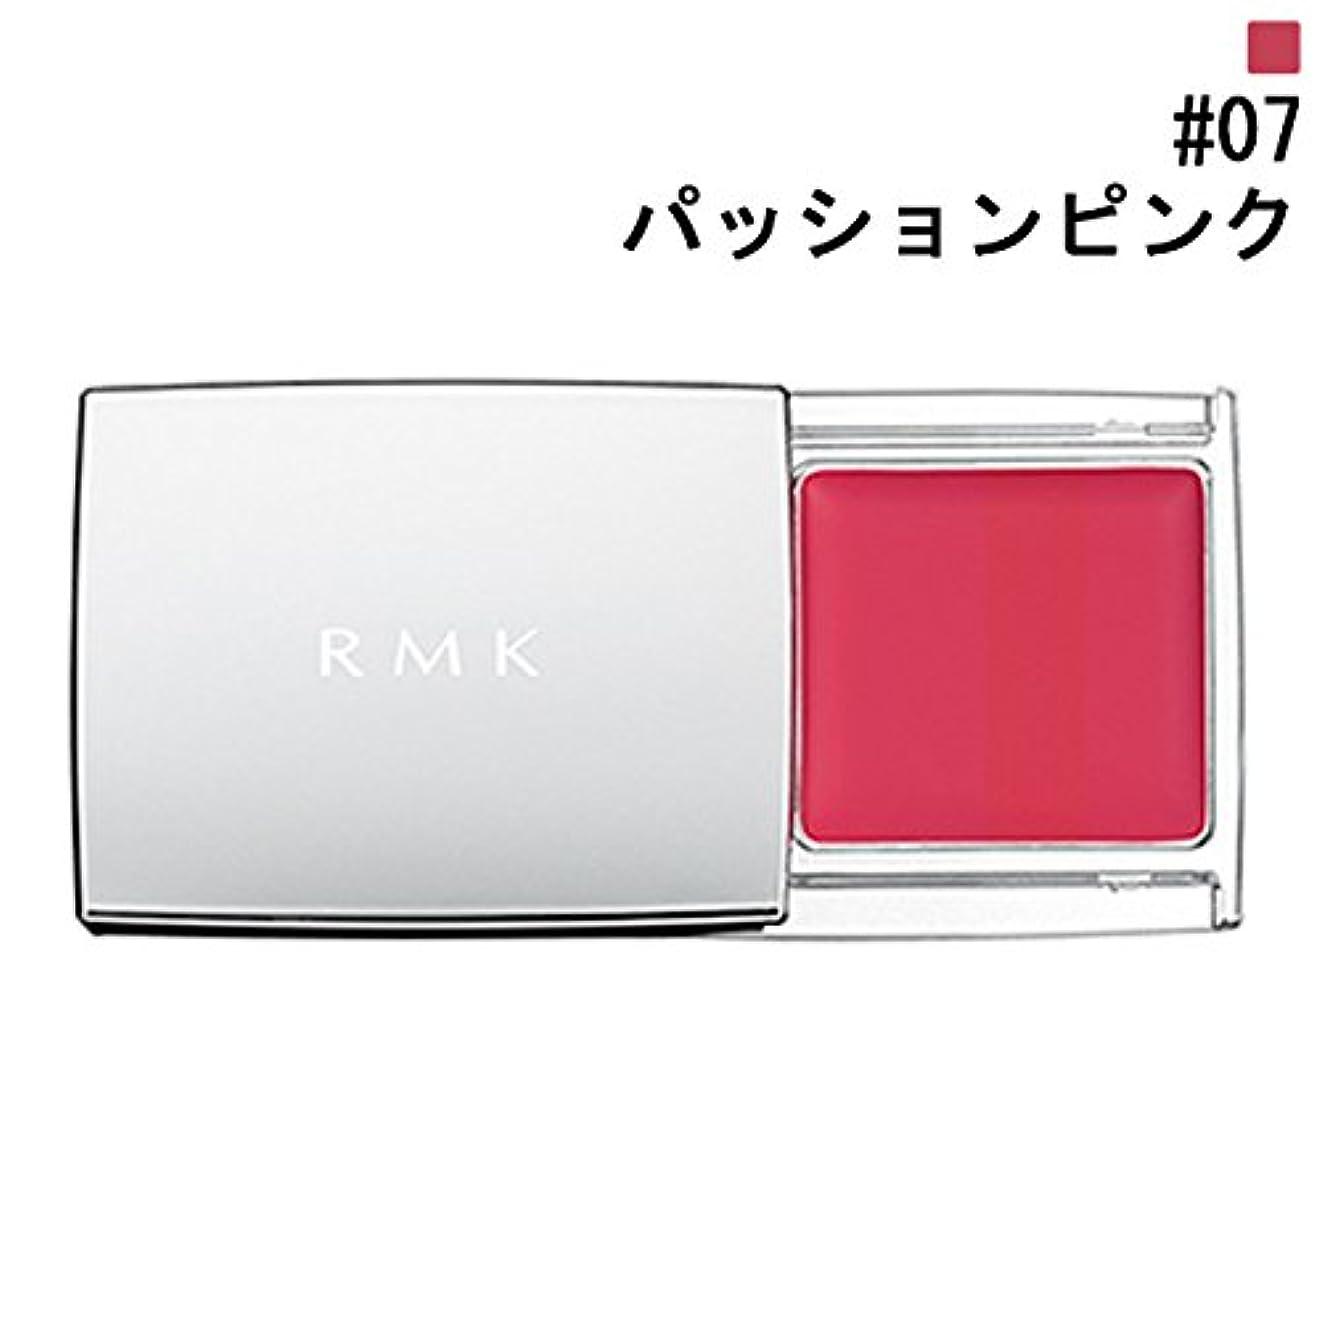 樹皮スキップ抗生物質【RMK (ルミコ)】RMK マルチペイントカラーズ #07 パッションピンク 1.5g